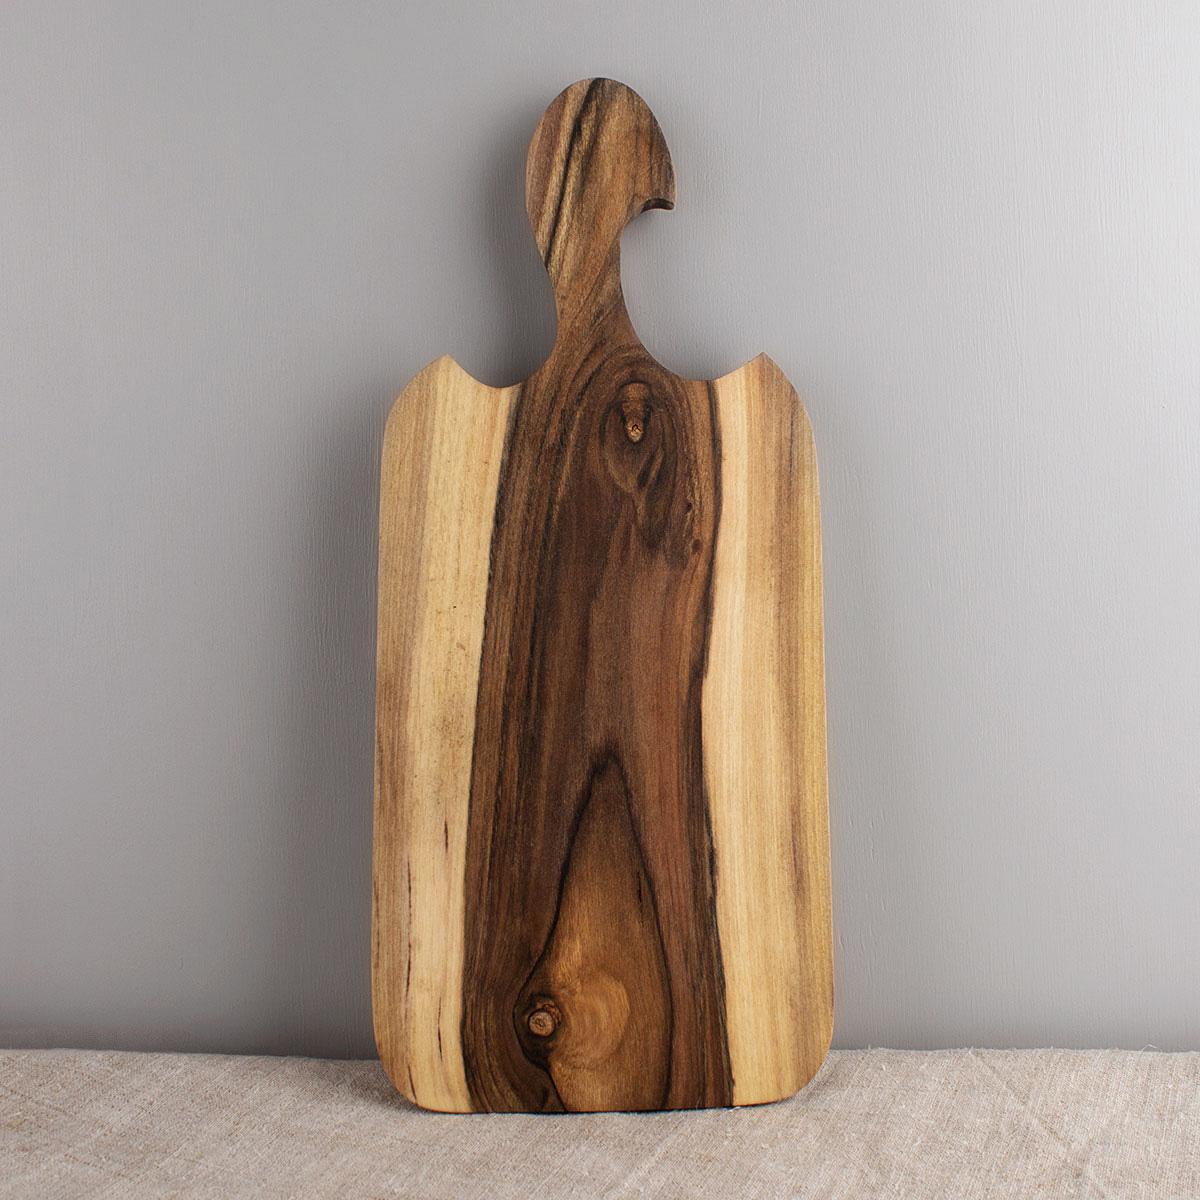 Walnut wood chopping board